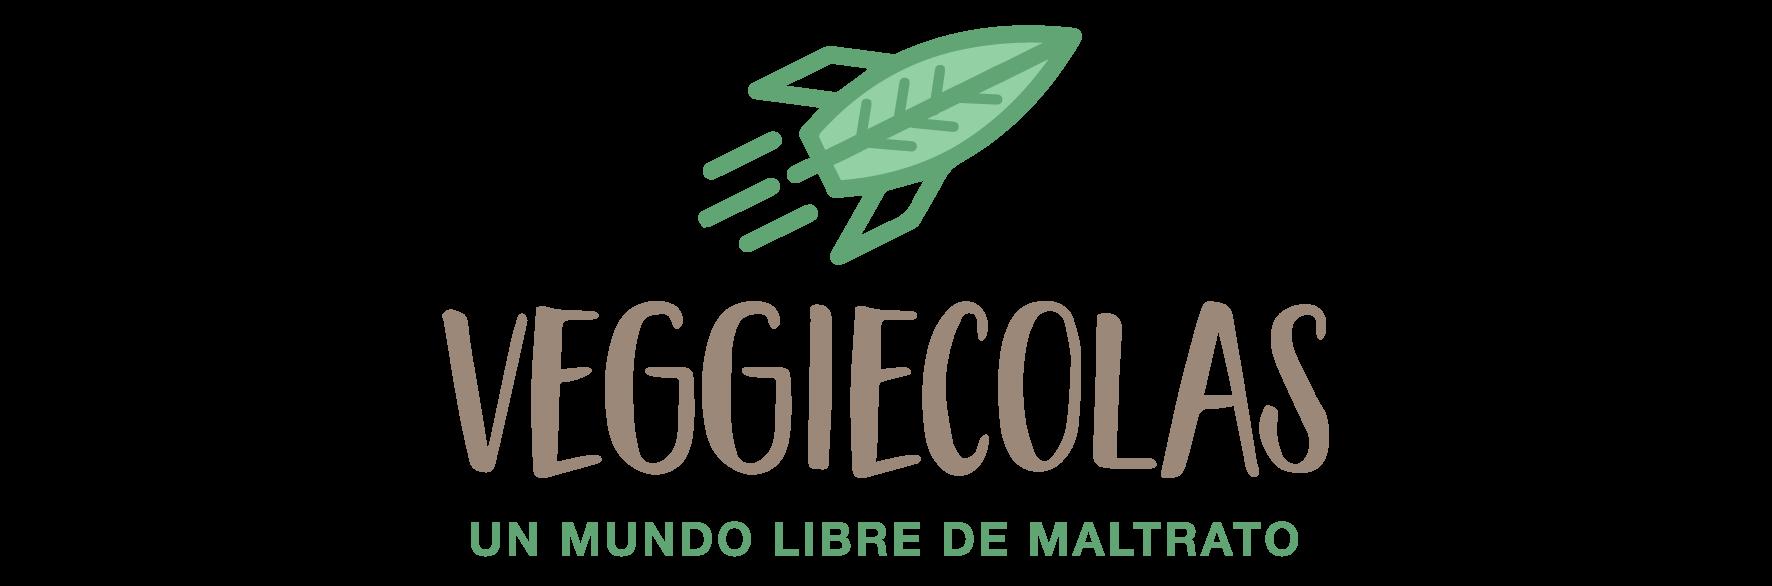 Crema De Calabaza Zanahoria Y Boniato Veggiecolas Es muy útil para eliminar los cólicos y disipa los gases ayuda a quienes padecen de. veggiecolas